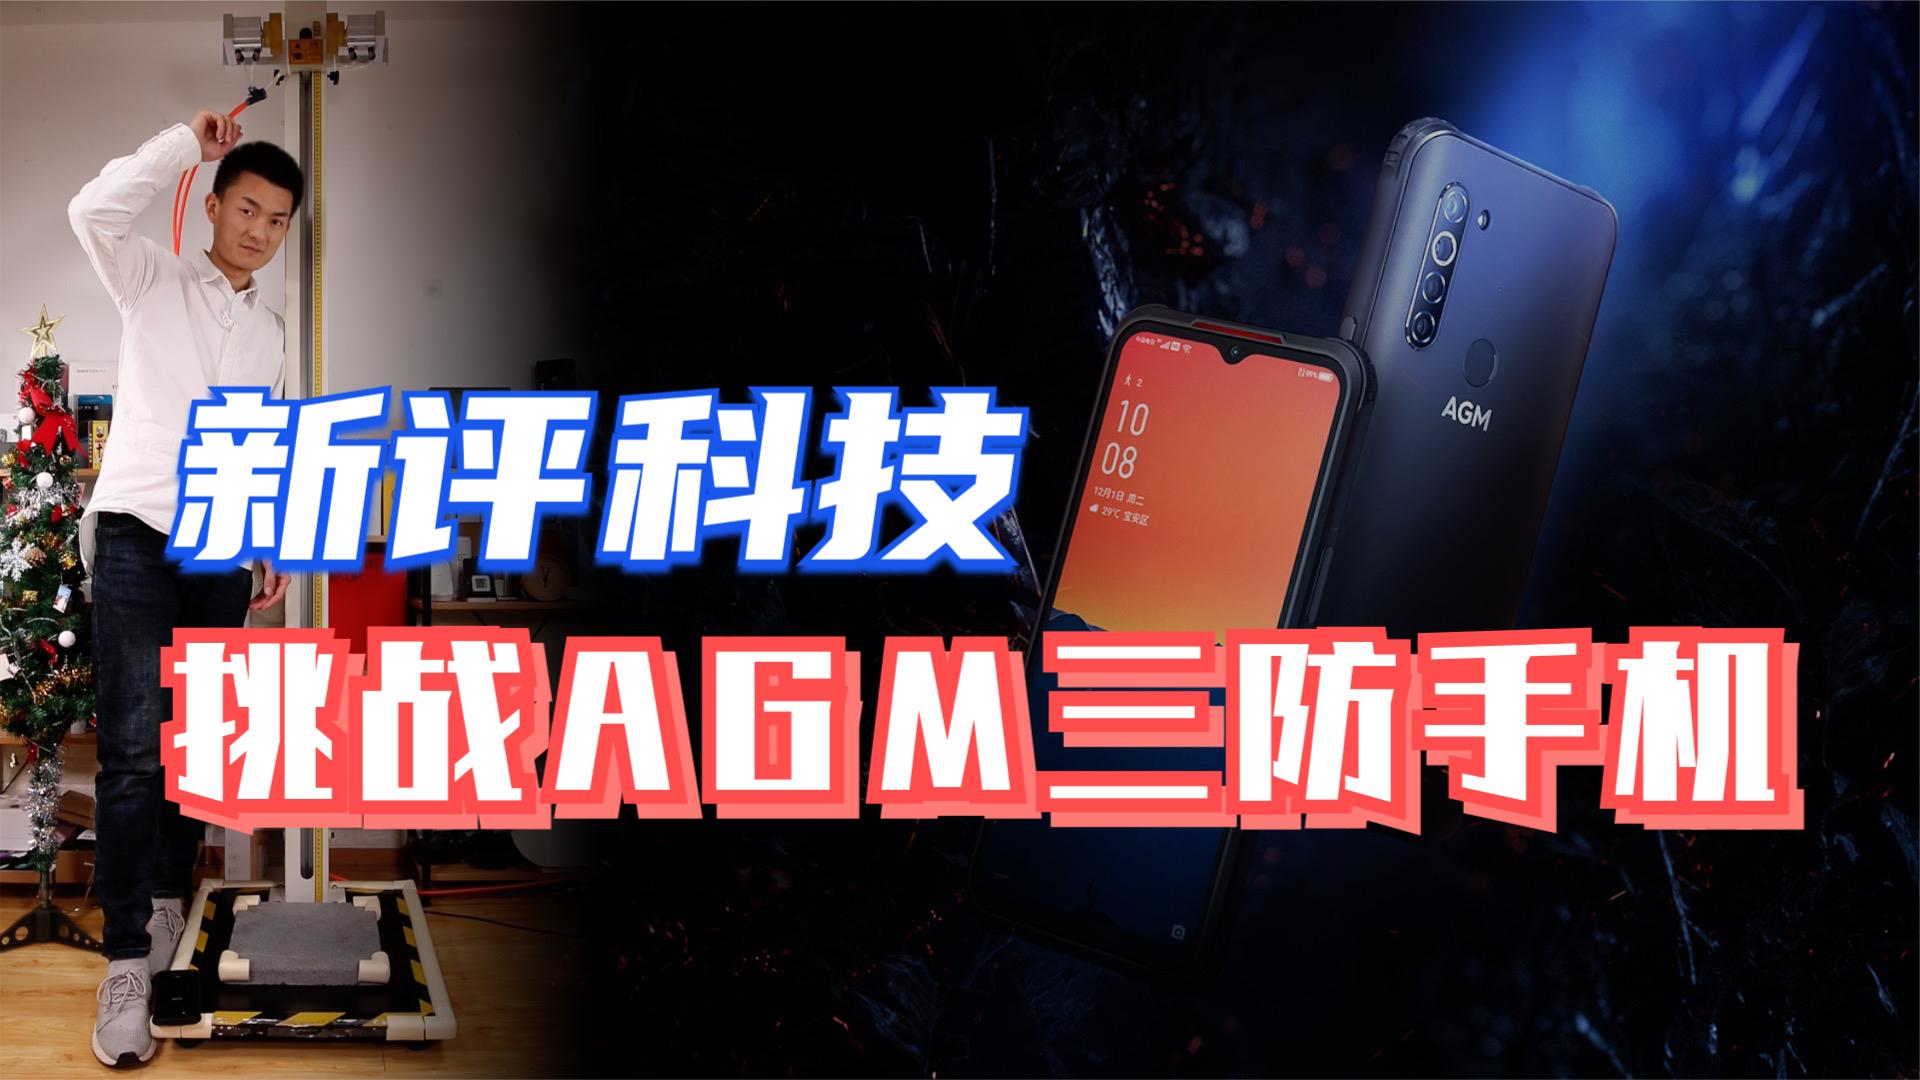 来了!新评科技挑战AGM三防手机,高度直接升到2米,究竟摔碎了没?